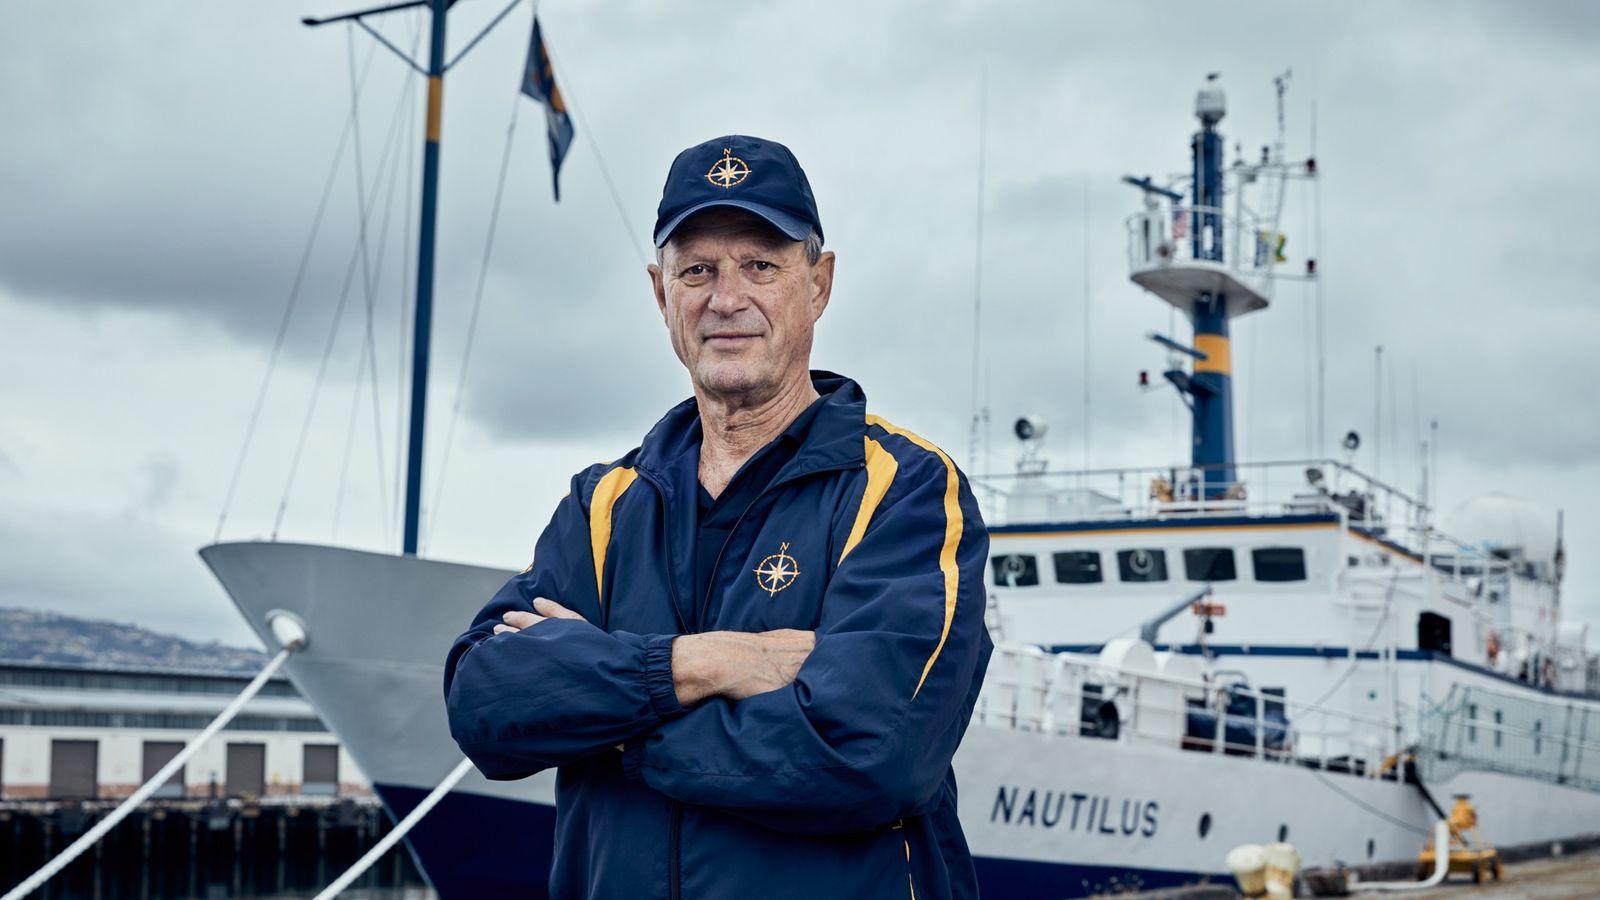 Conhecido principalmente por sua descoberta do Titanic em 1985, Robert Ballard levará sua comprovada estratégia submarina ...